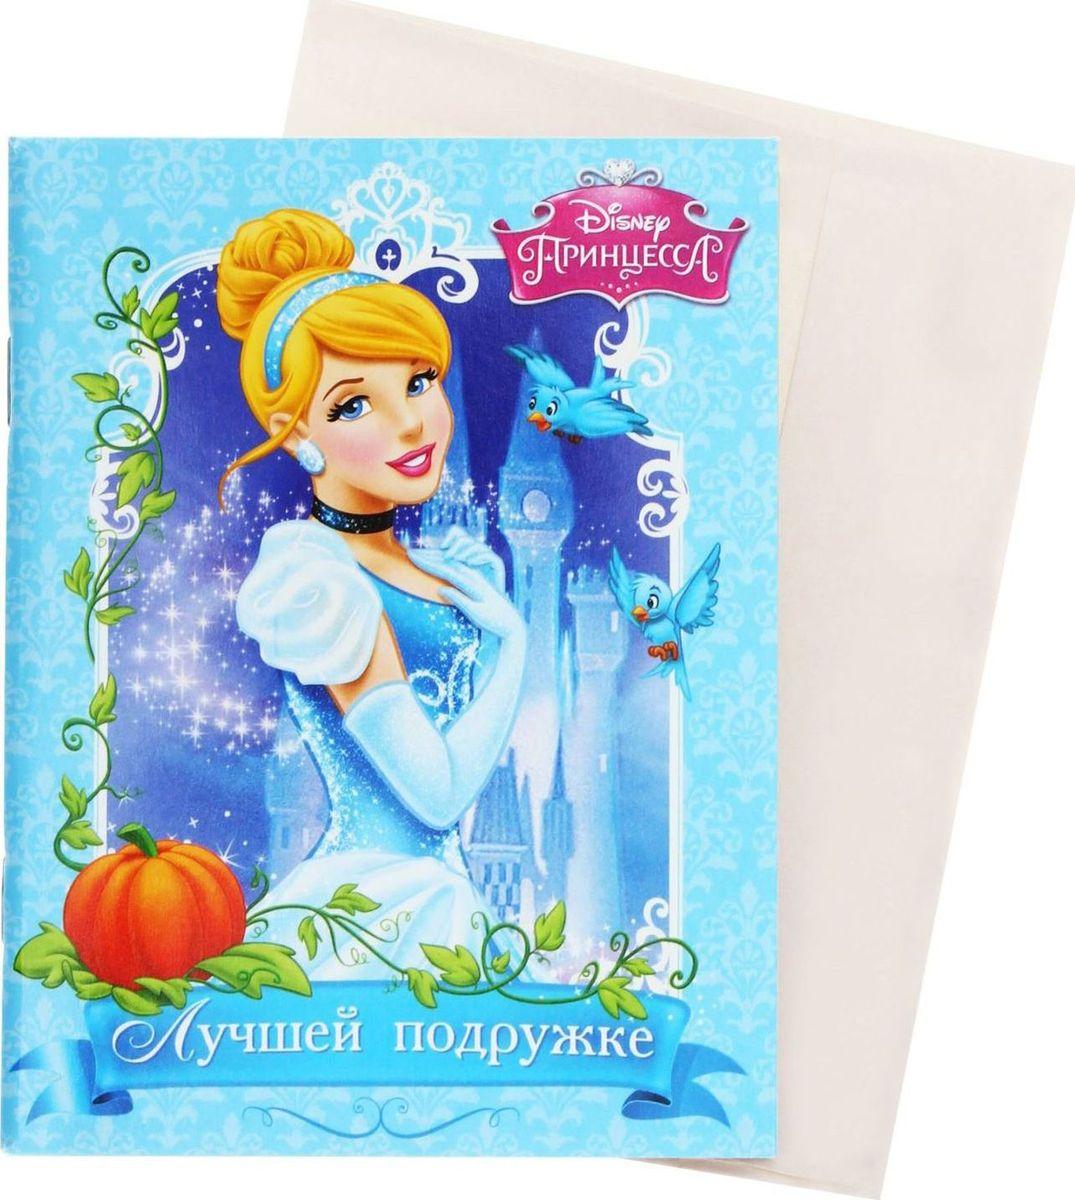 Disney Блокнот-открытка Принцессы Лучшей подружке 32 листа72523WDПеред вами уникальная разработка нашего креативного отдела. С одной стороны, это яркая открытка с героиней любимого мультфильма, а стоит заглянуть внутрь, и вы найдете 32 дизайнерских листа с бархатной фактурой. Роскошный сувенир, разработанный специально для маленьких принцесс. В отличие от обычной открытки, которая зачастую просто пылиться в шкафу, блокнотом Лучшей подружке приятно пользоваться! Все элементы украшены милыми комплиментами и советами для юных красавиц. Герои мультика Золушка изображены на обложке блокнота и на внутренних листах, так что каждая запись приносит еще больше удовольствия. Эксклюзивный блокнот-открытка будет прекрасным подарком для любимой подруги любого возраста. В подарок к блокноту-открытке вложен универсальный конверт. Подпишите его, открытку и вручите сувенир адресату на любой праздник.